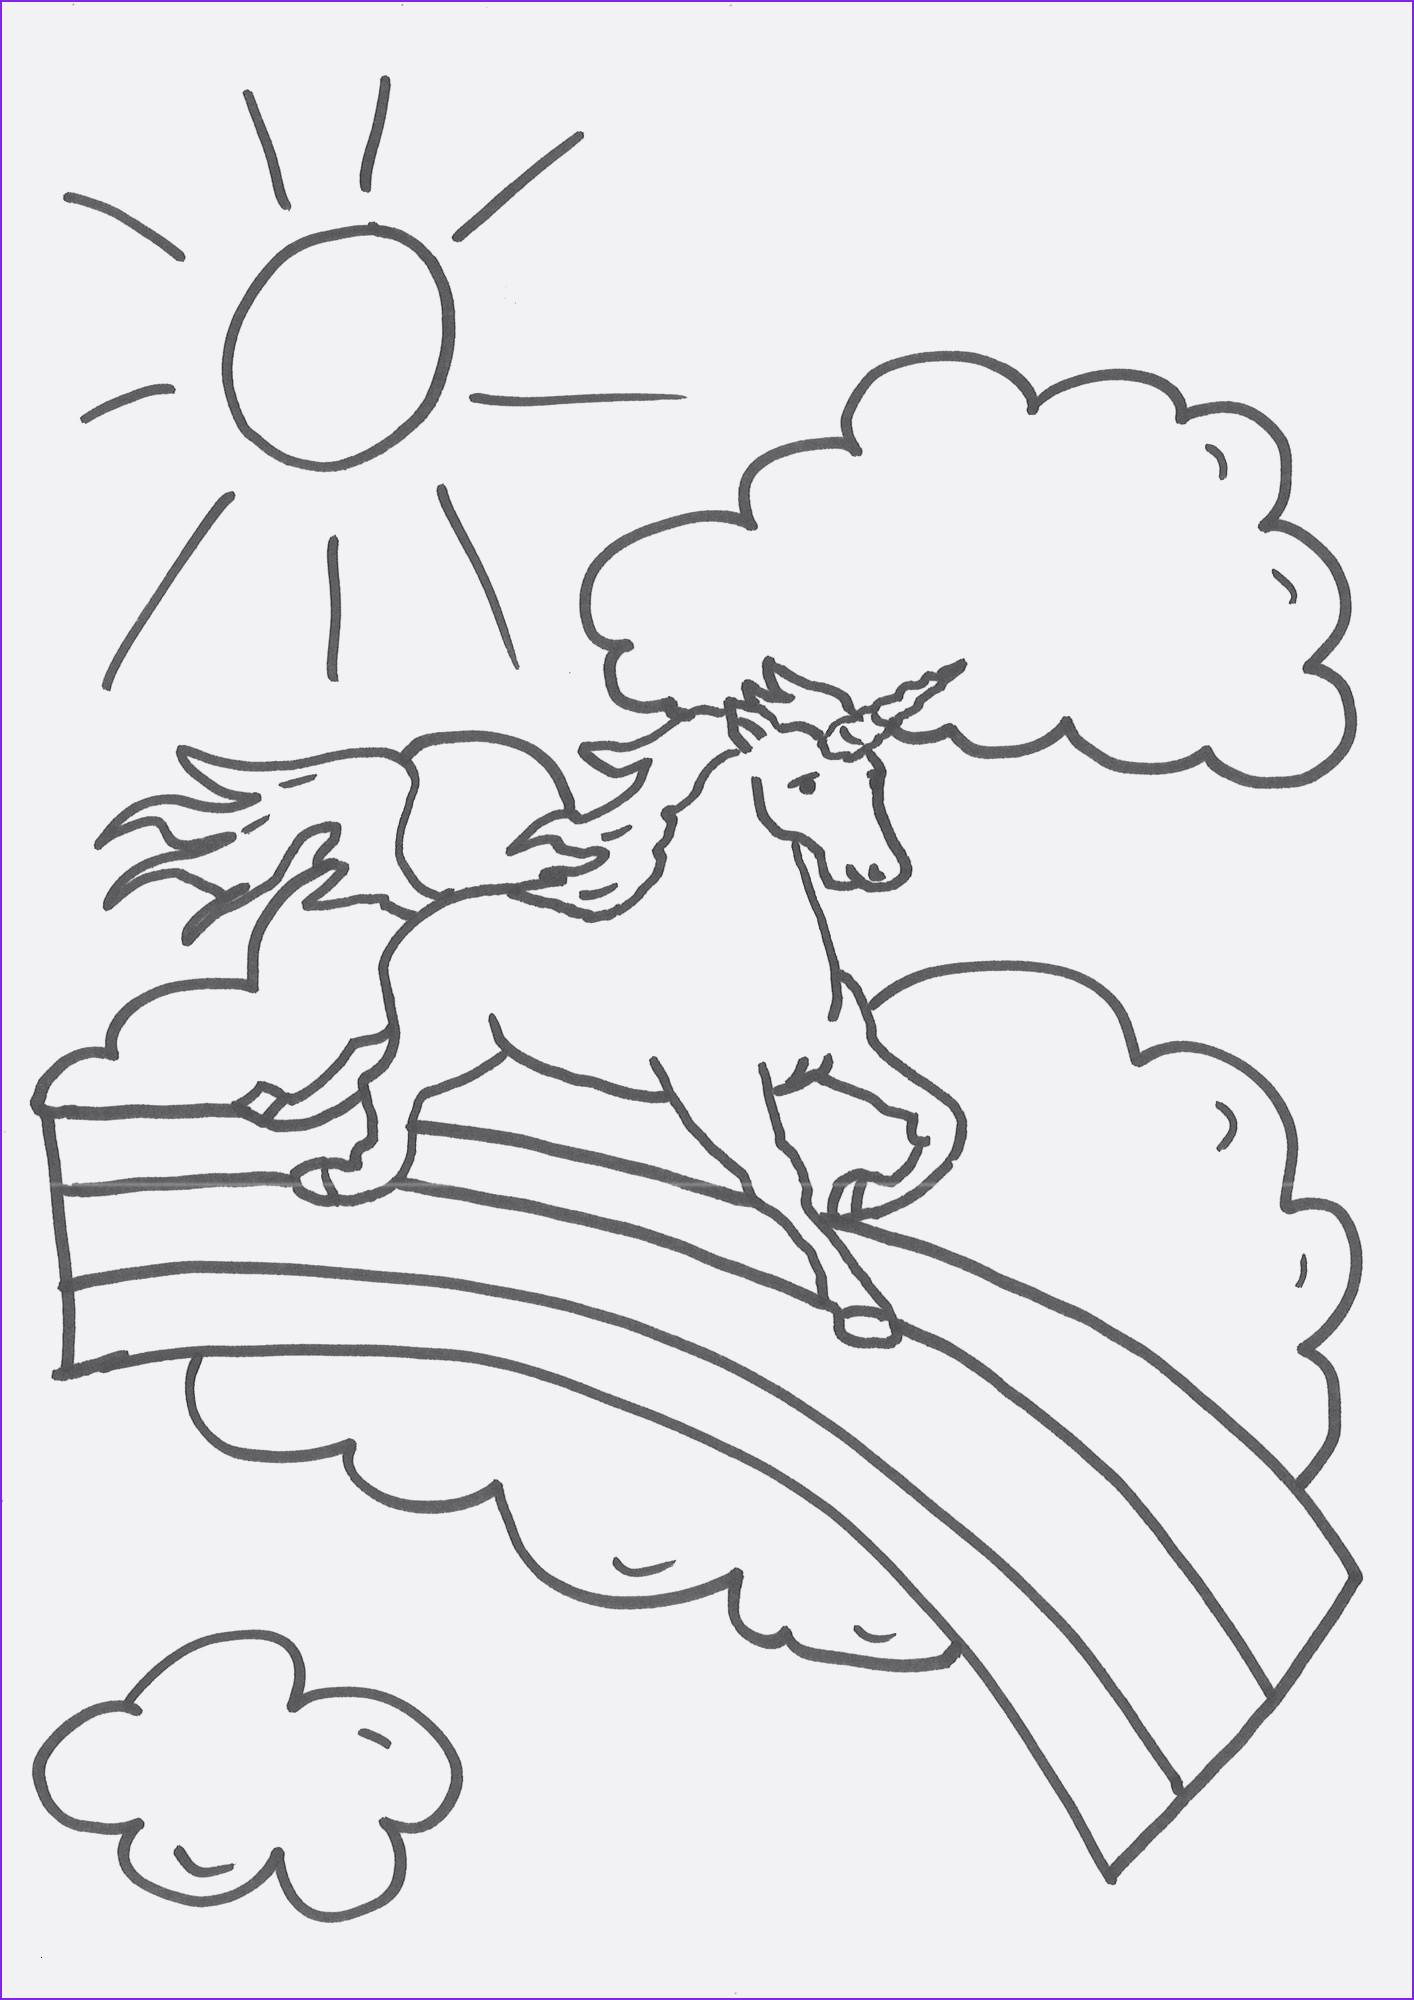 Ausmalbilder Kostenlos Violetta Frisch 32 Engel Malvorlagen Scoredatscore Elegant Violetta Malvorlagen Das Bild